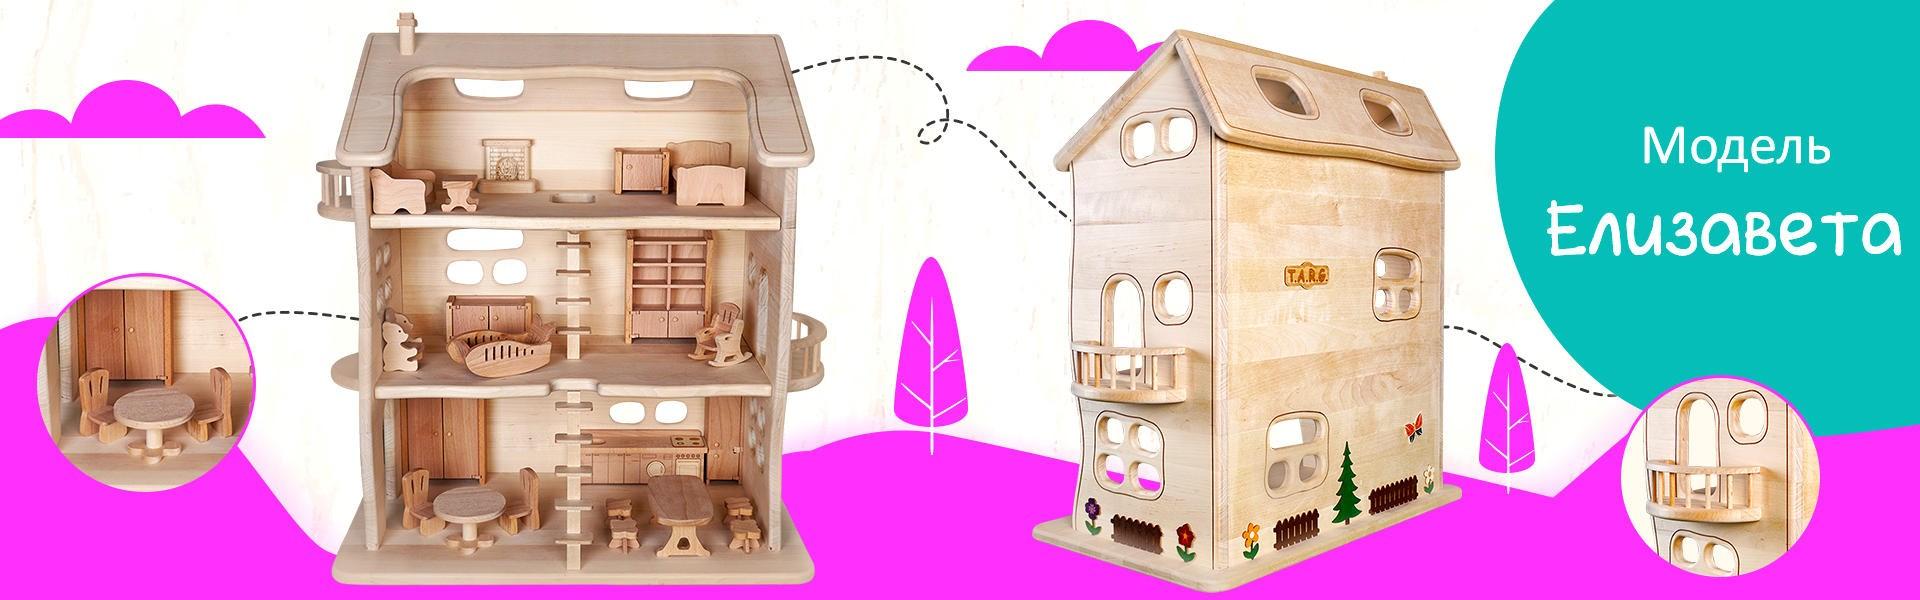 Кукольный домик ЕЛИЗАВЕТА - фото 5259